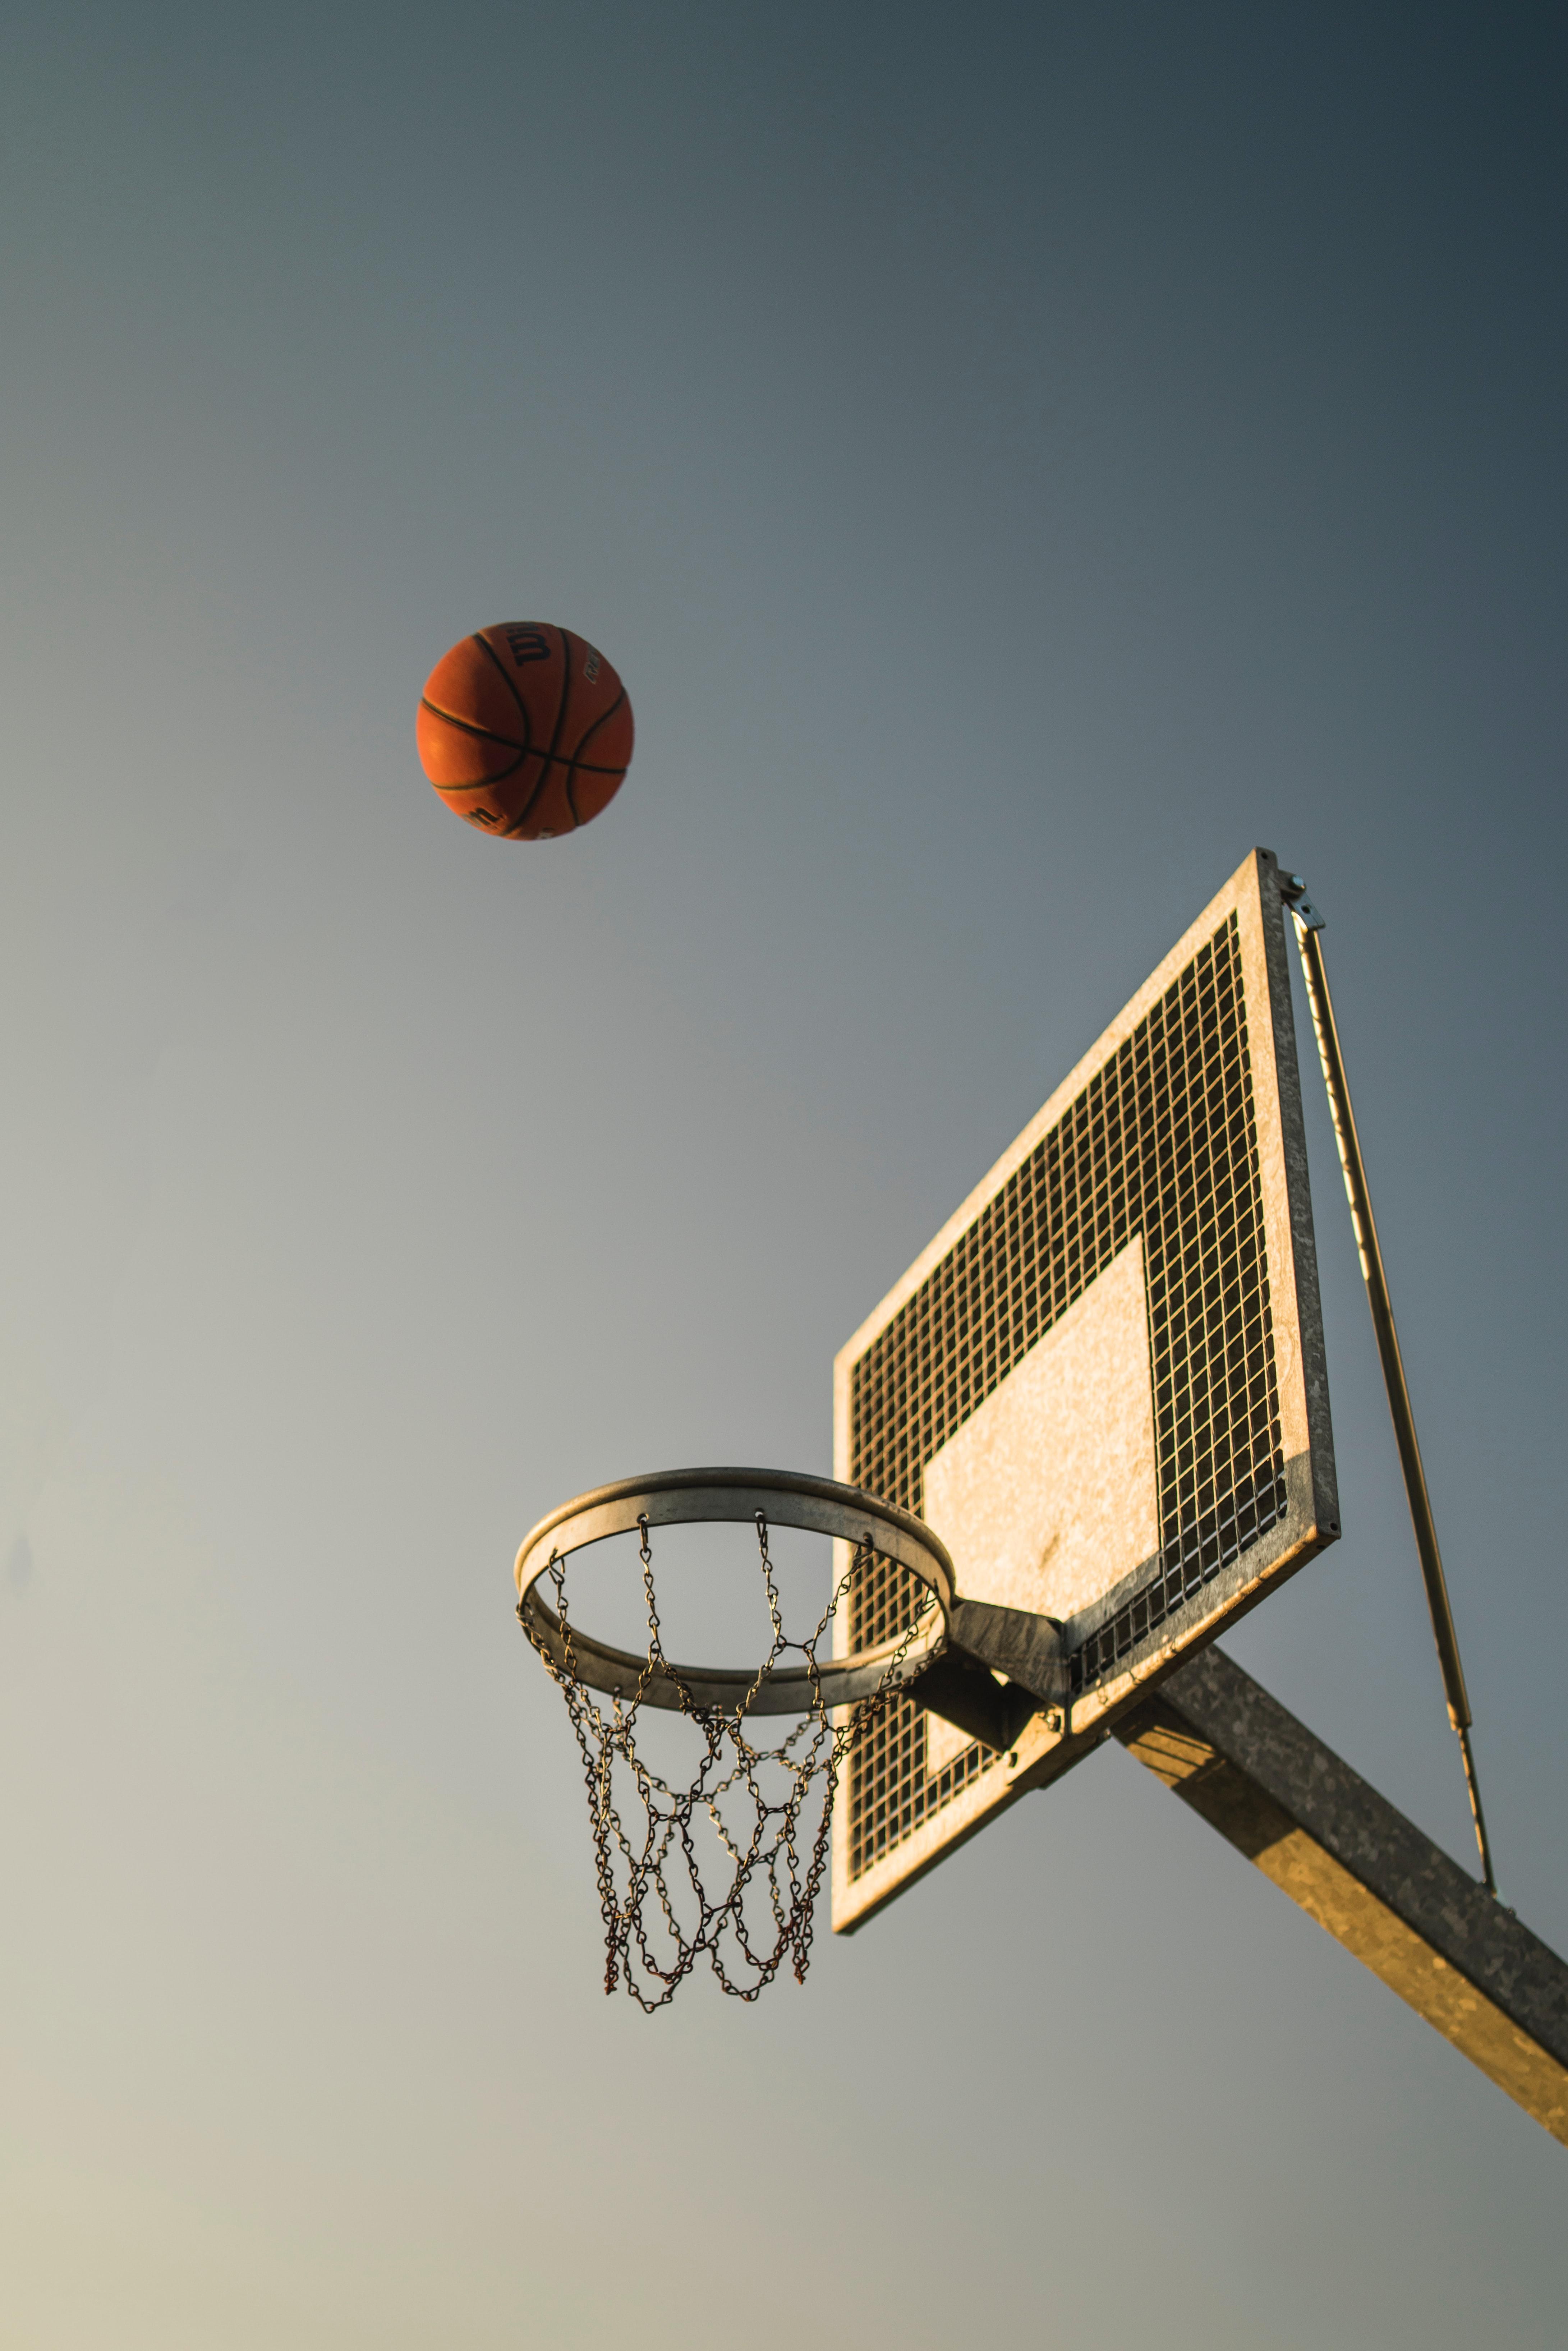 免費壁紙121393:杂项, 篮球框, 篮球戒指, 球, 盾, 盾牌 下載手機圖片